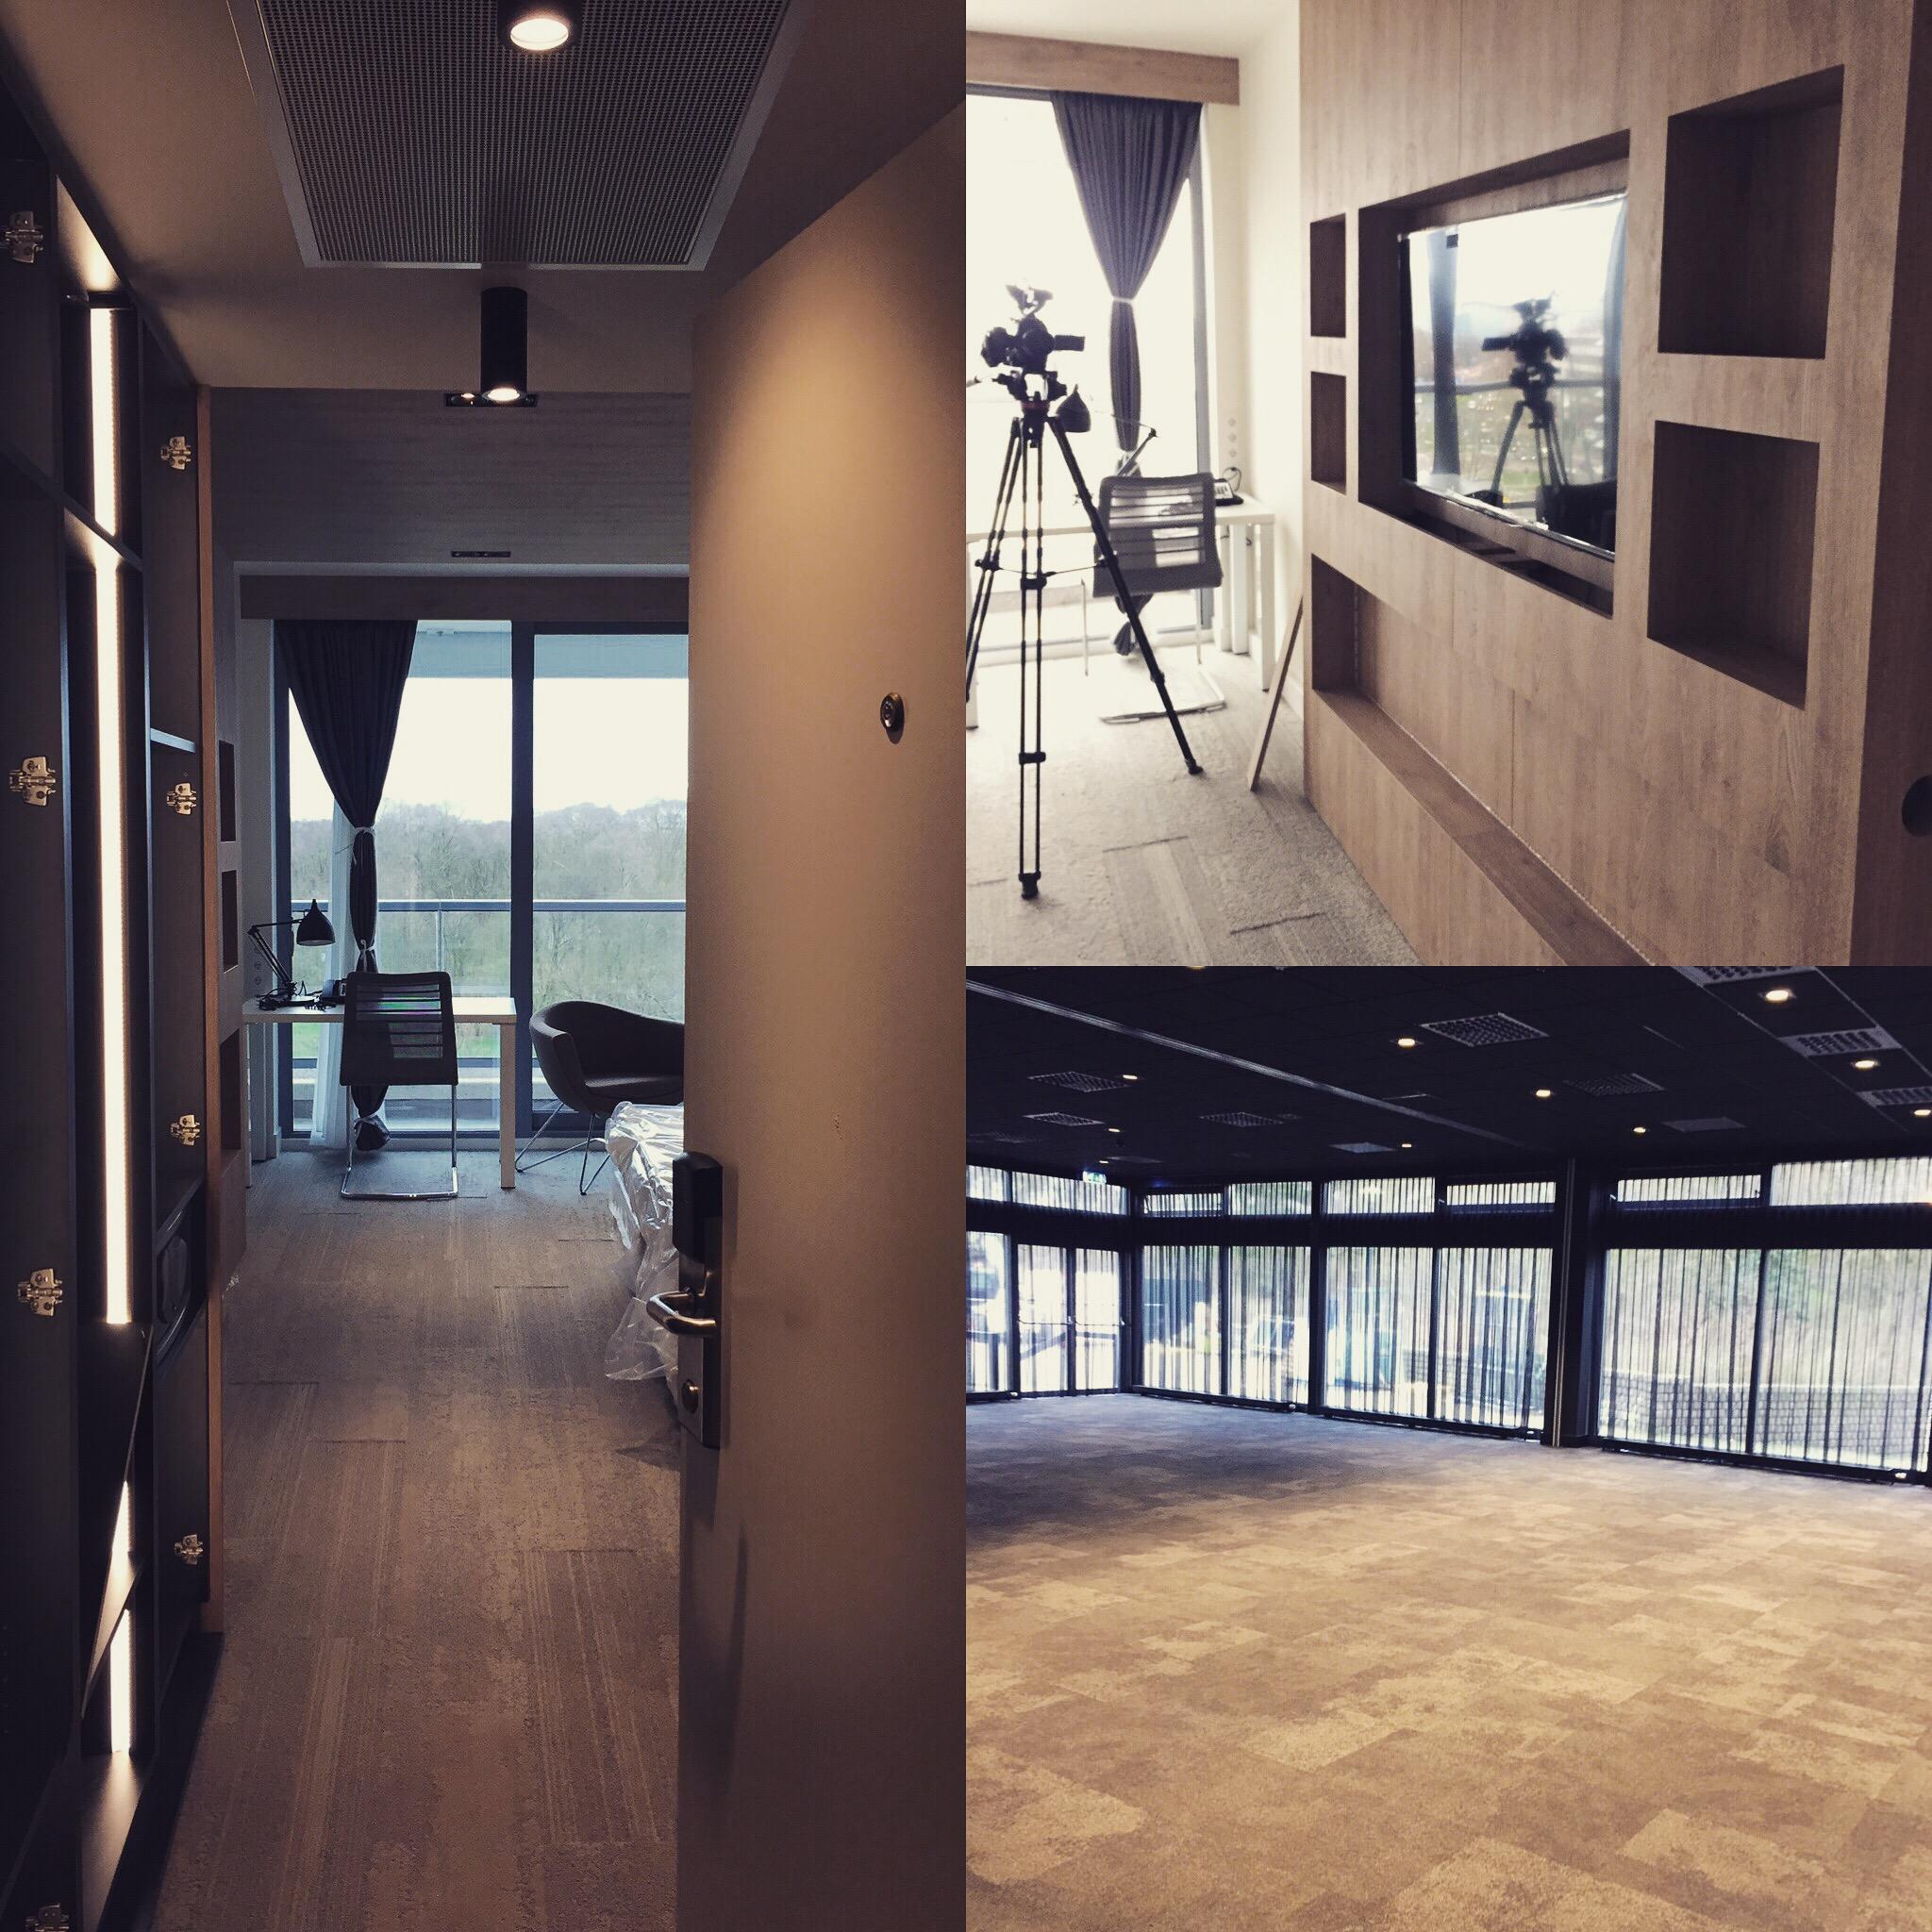 #underconstruction #interiorproject #hospitality #hoteldesign #sneakpeak #denhaag #wordvervolgt